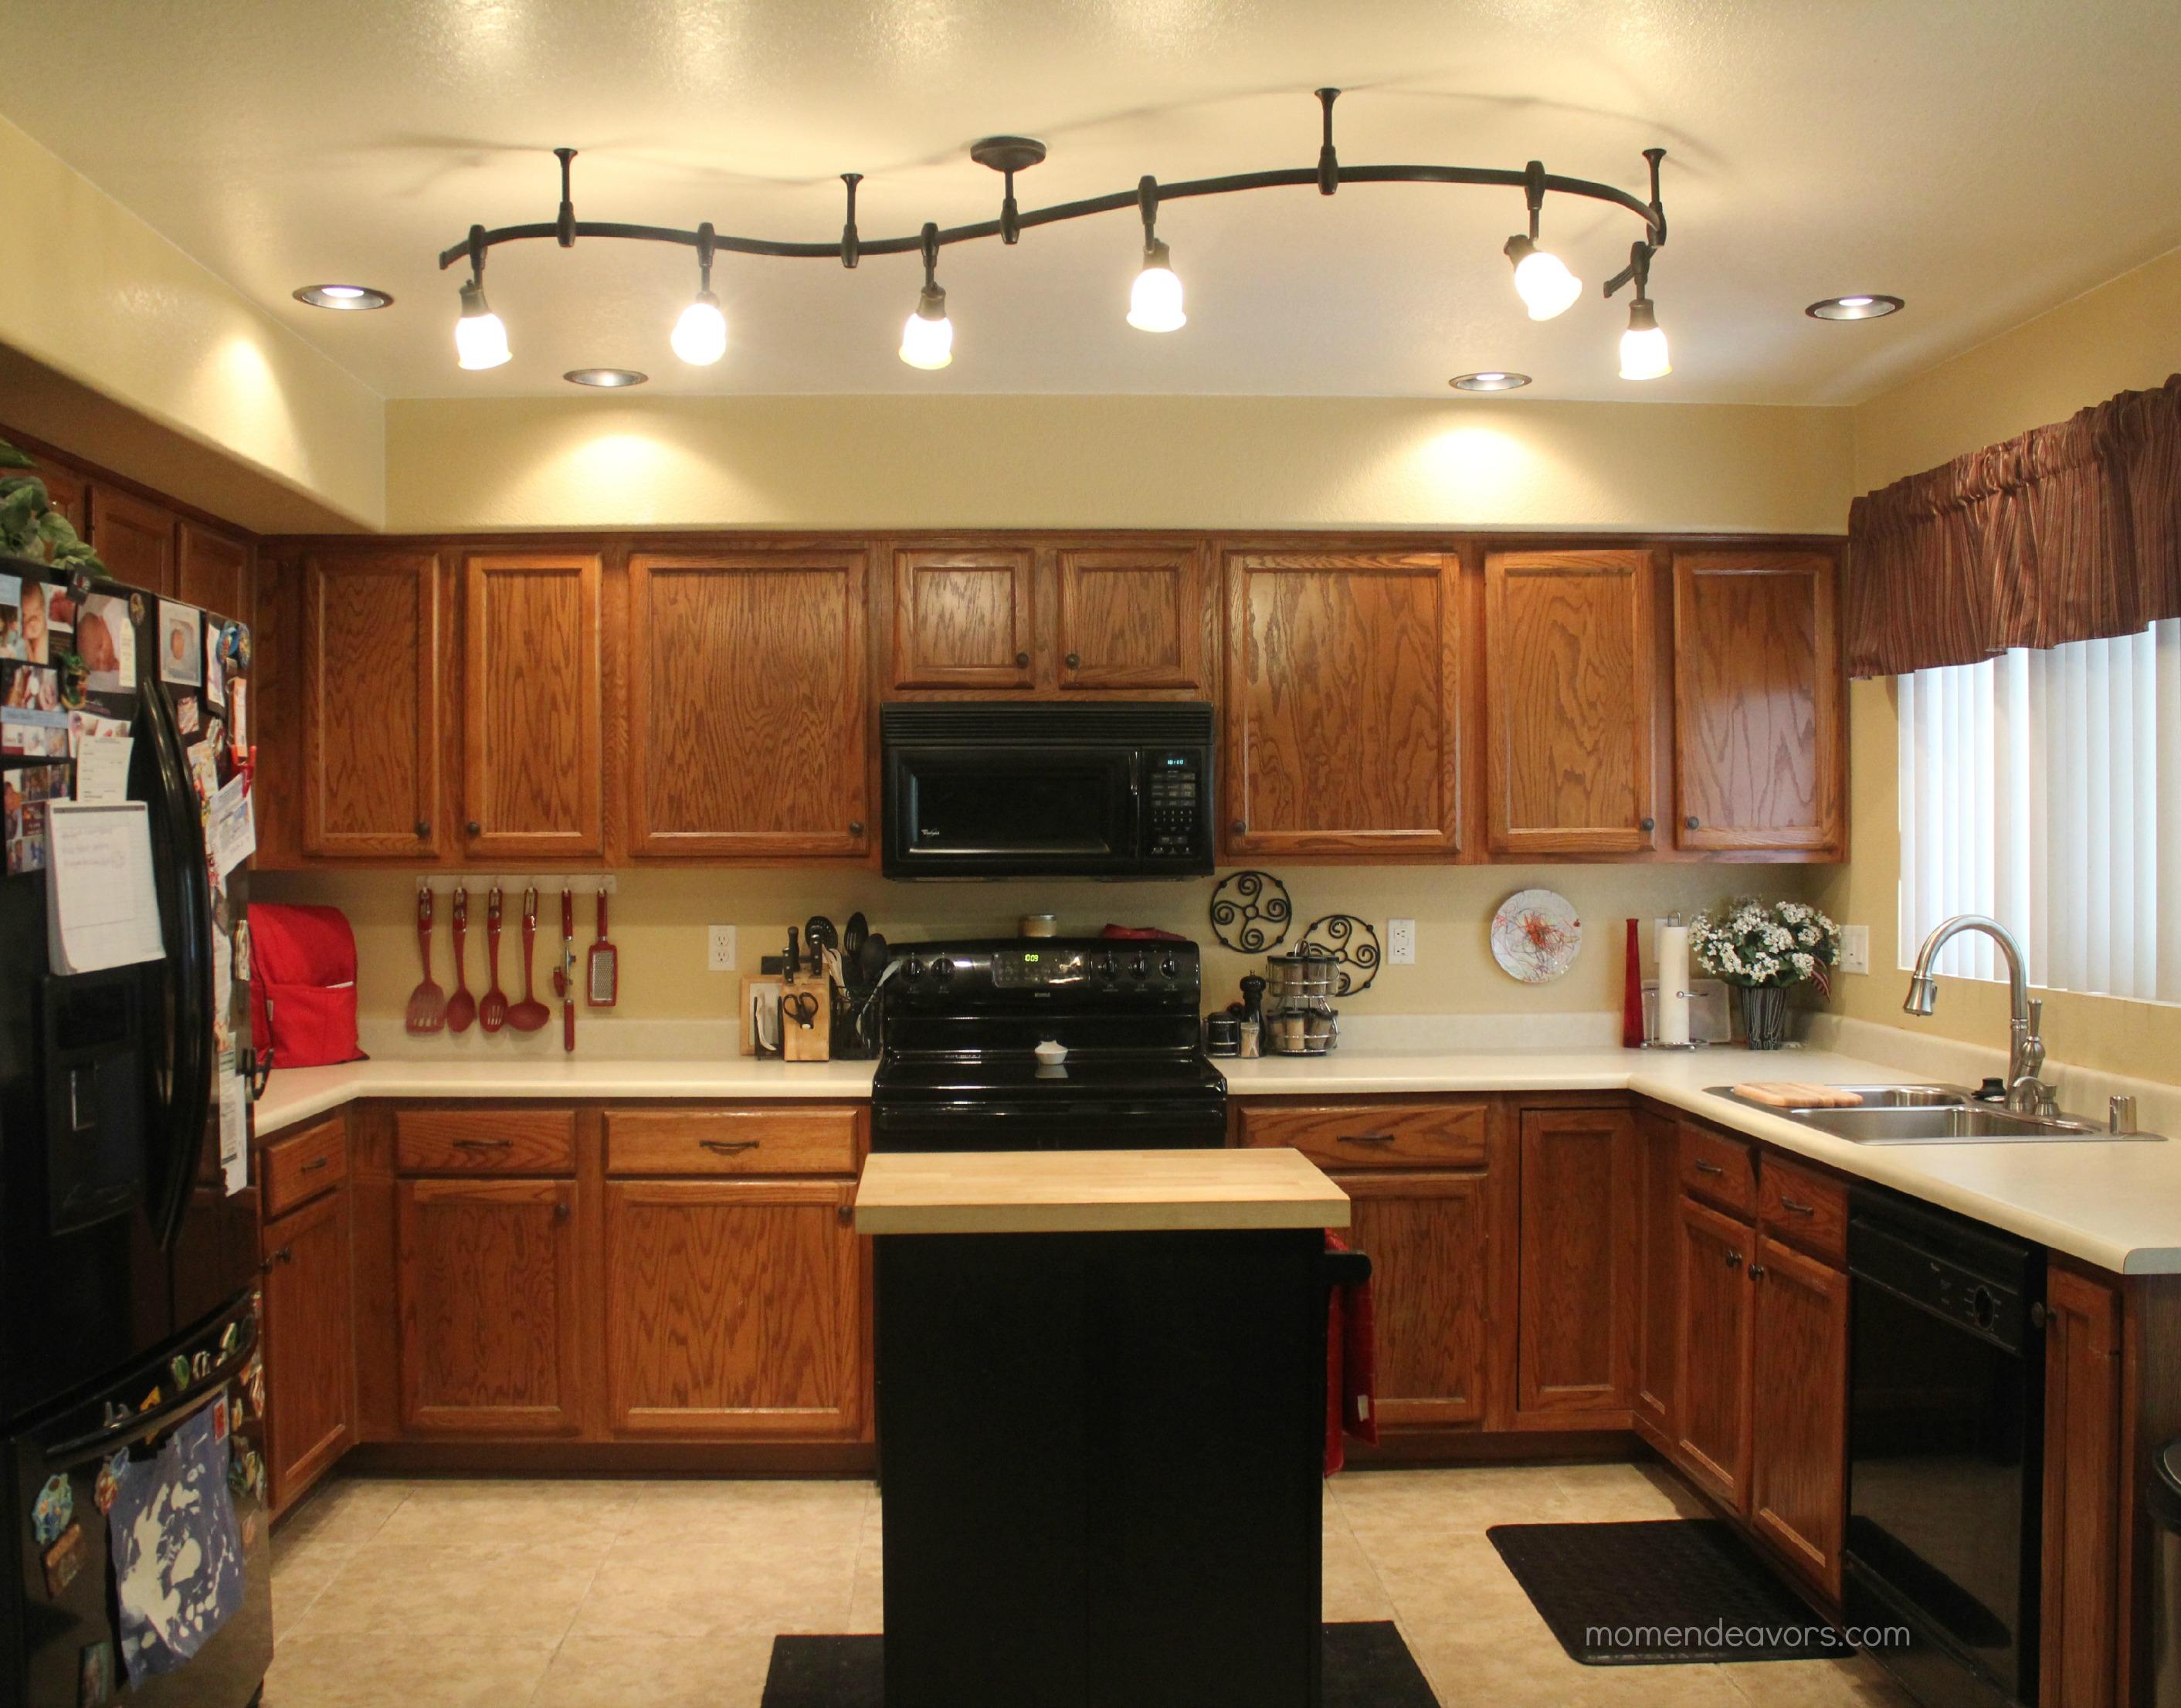 mini kitchen remodel kitchen lighting ideas Now